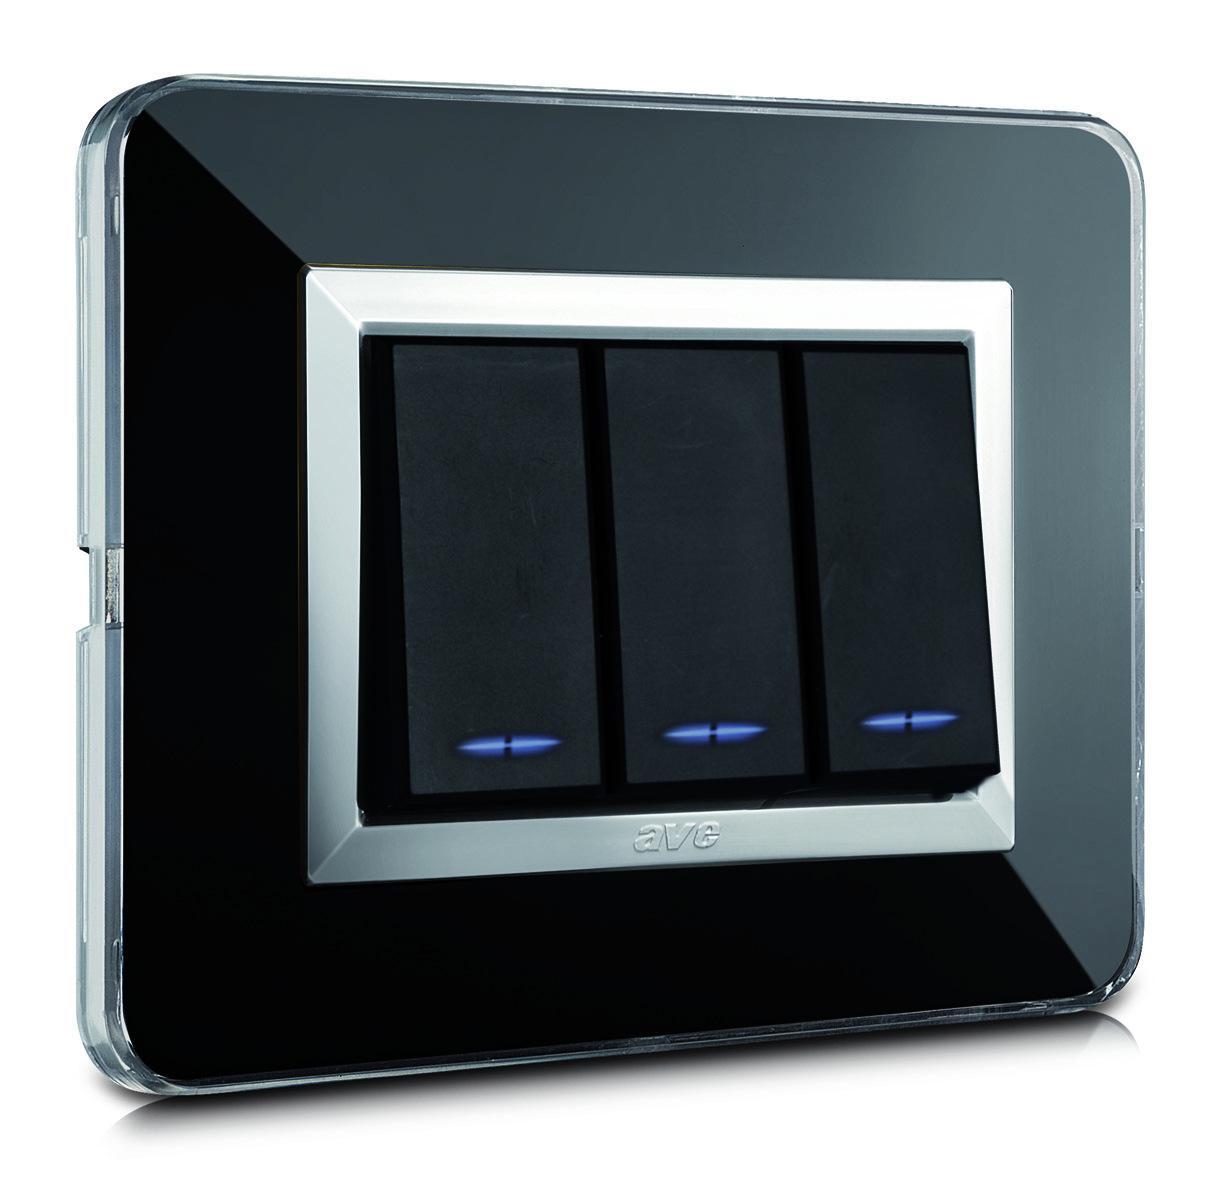 Tekla Porte E Finestre ave tekla 44: per un impianto elettrico di stile e